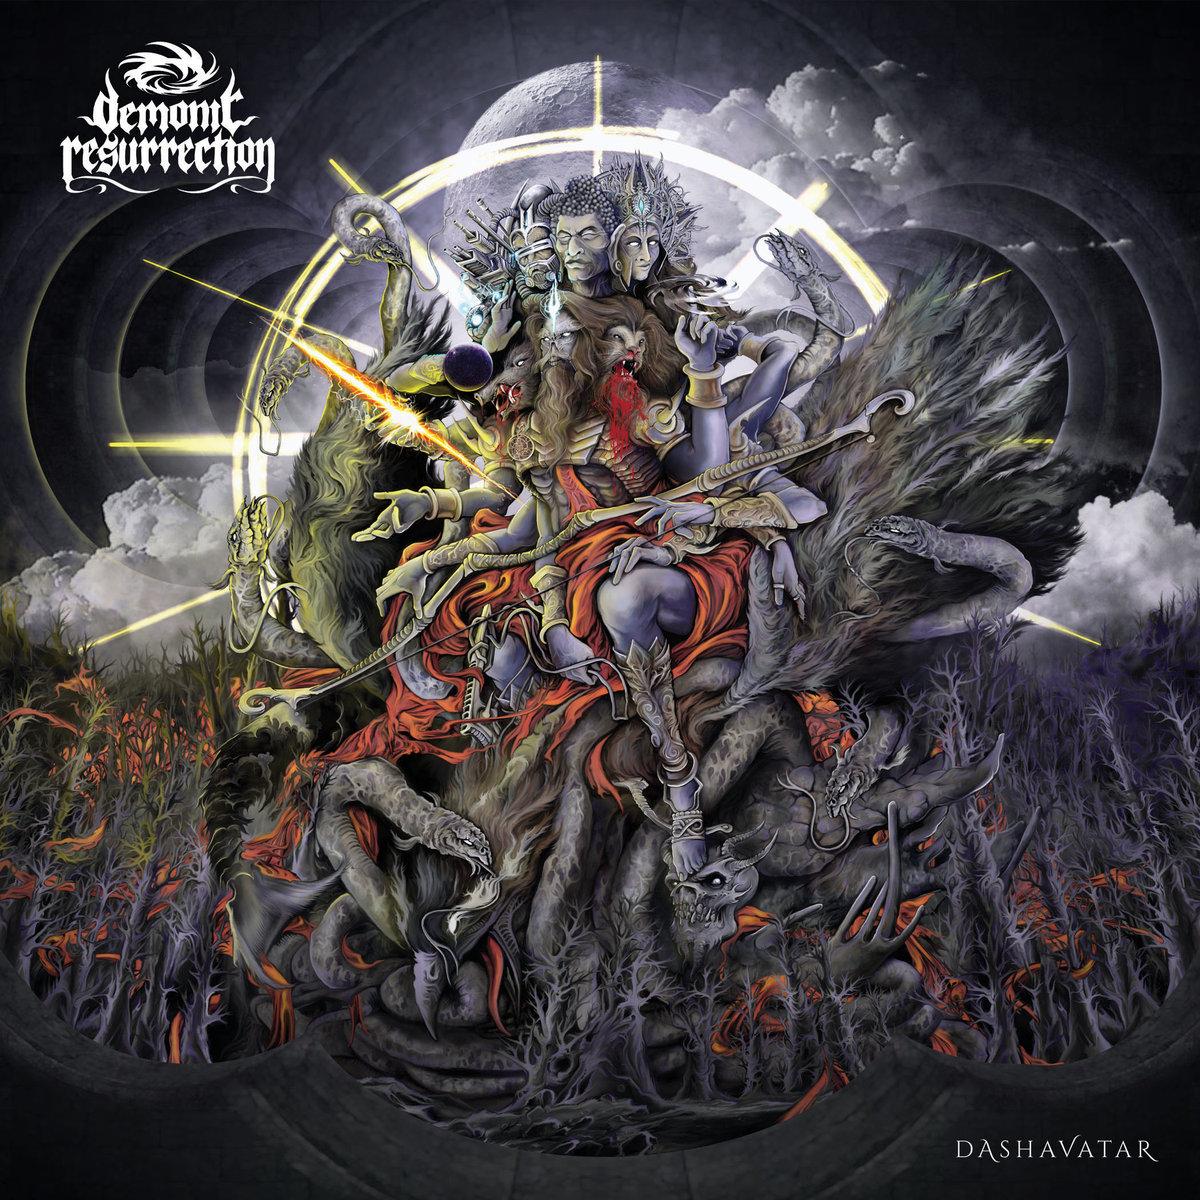 Demonic Resurrection - Dashavatar